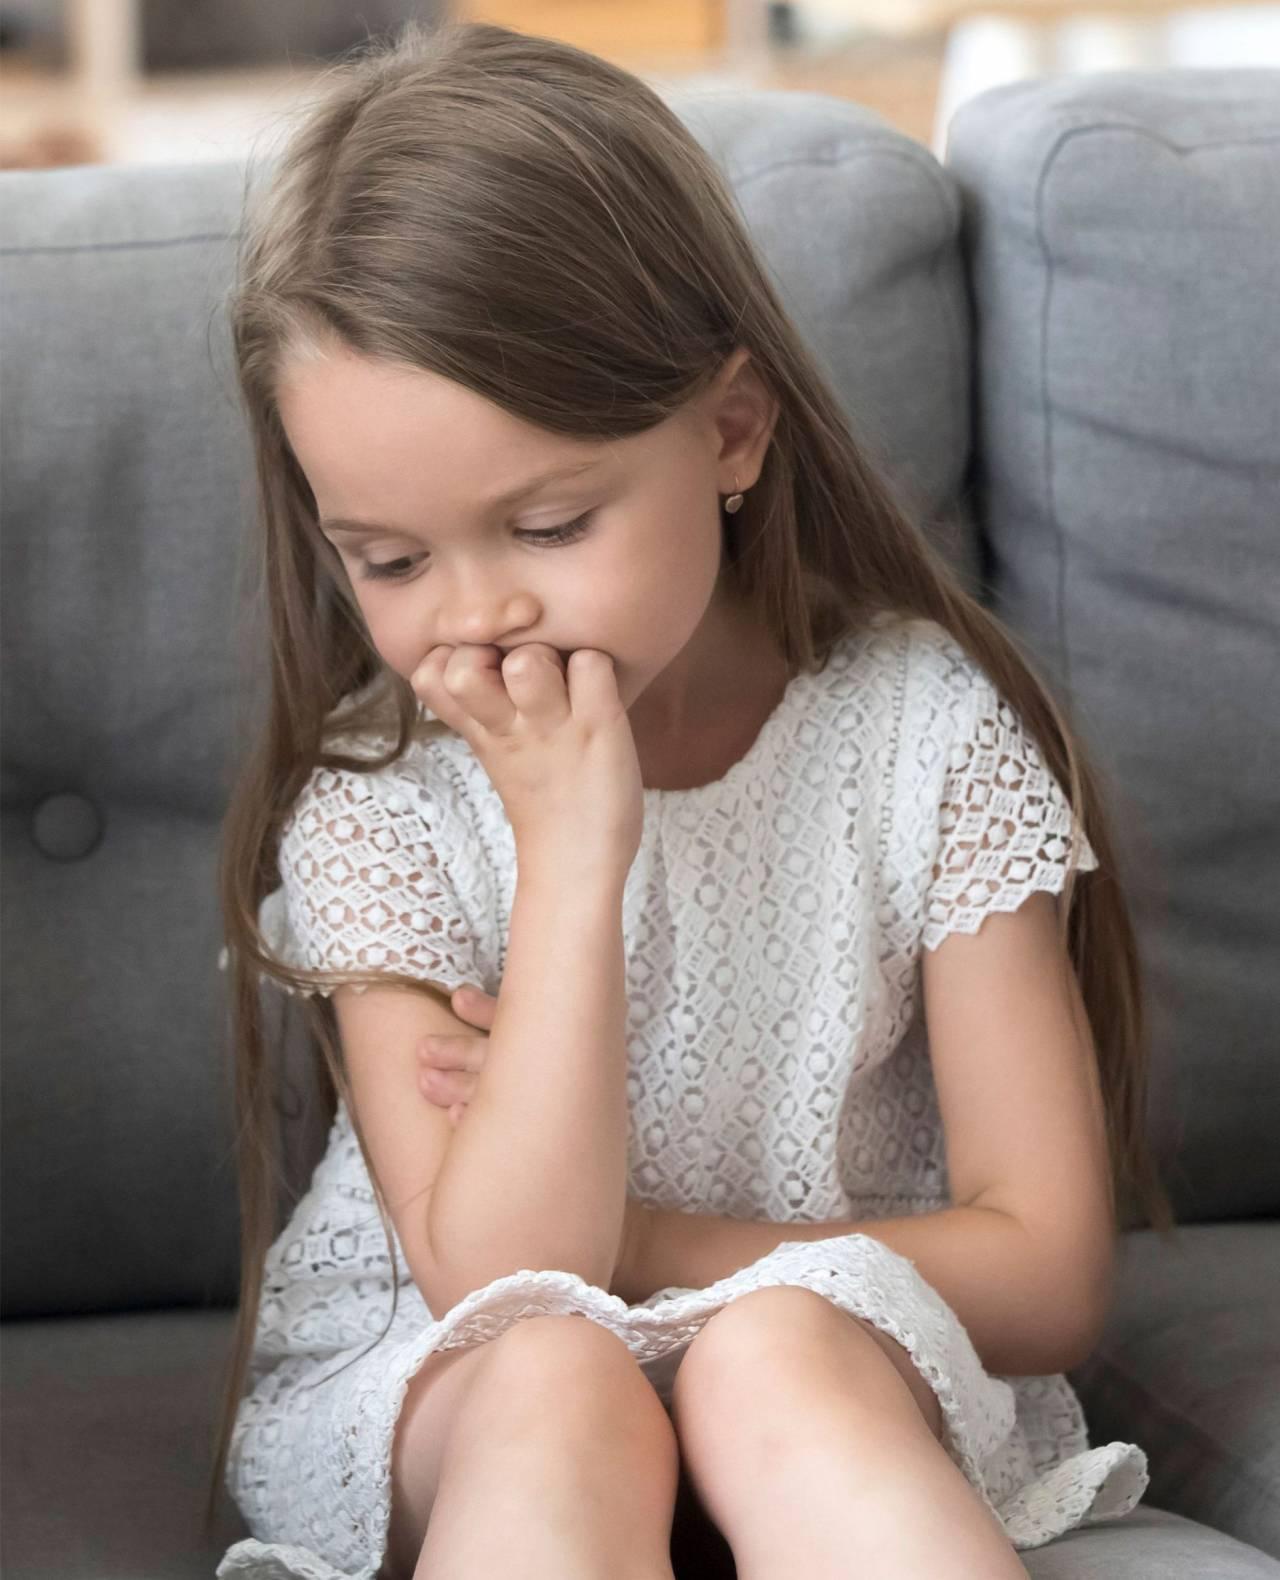 En liten flicka sitter på en soffa och ser ledsen ut.